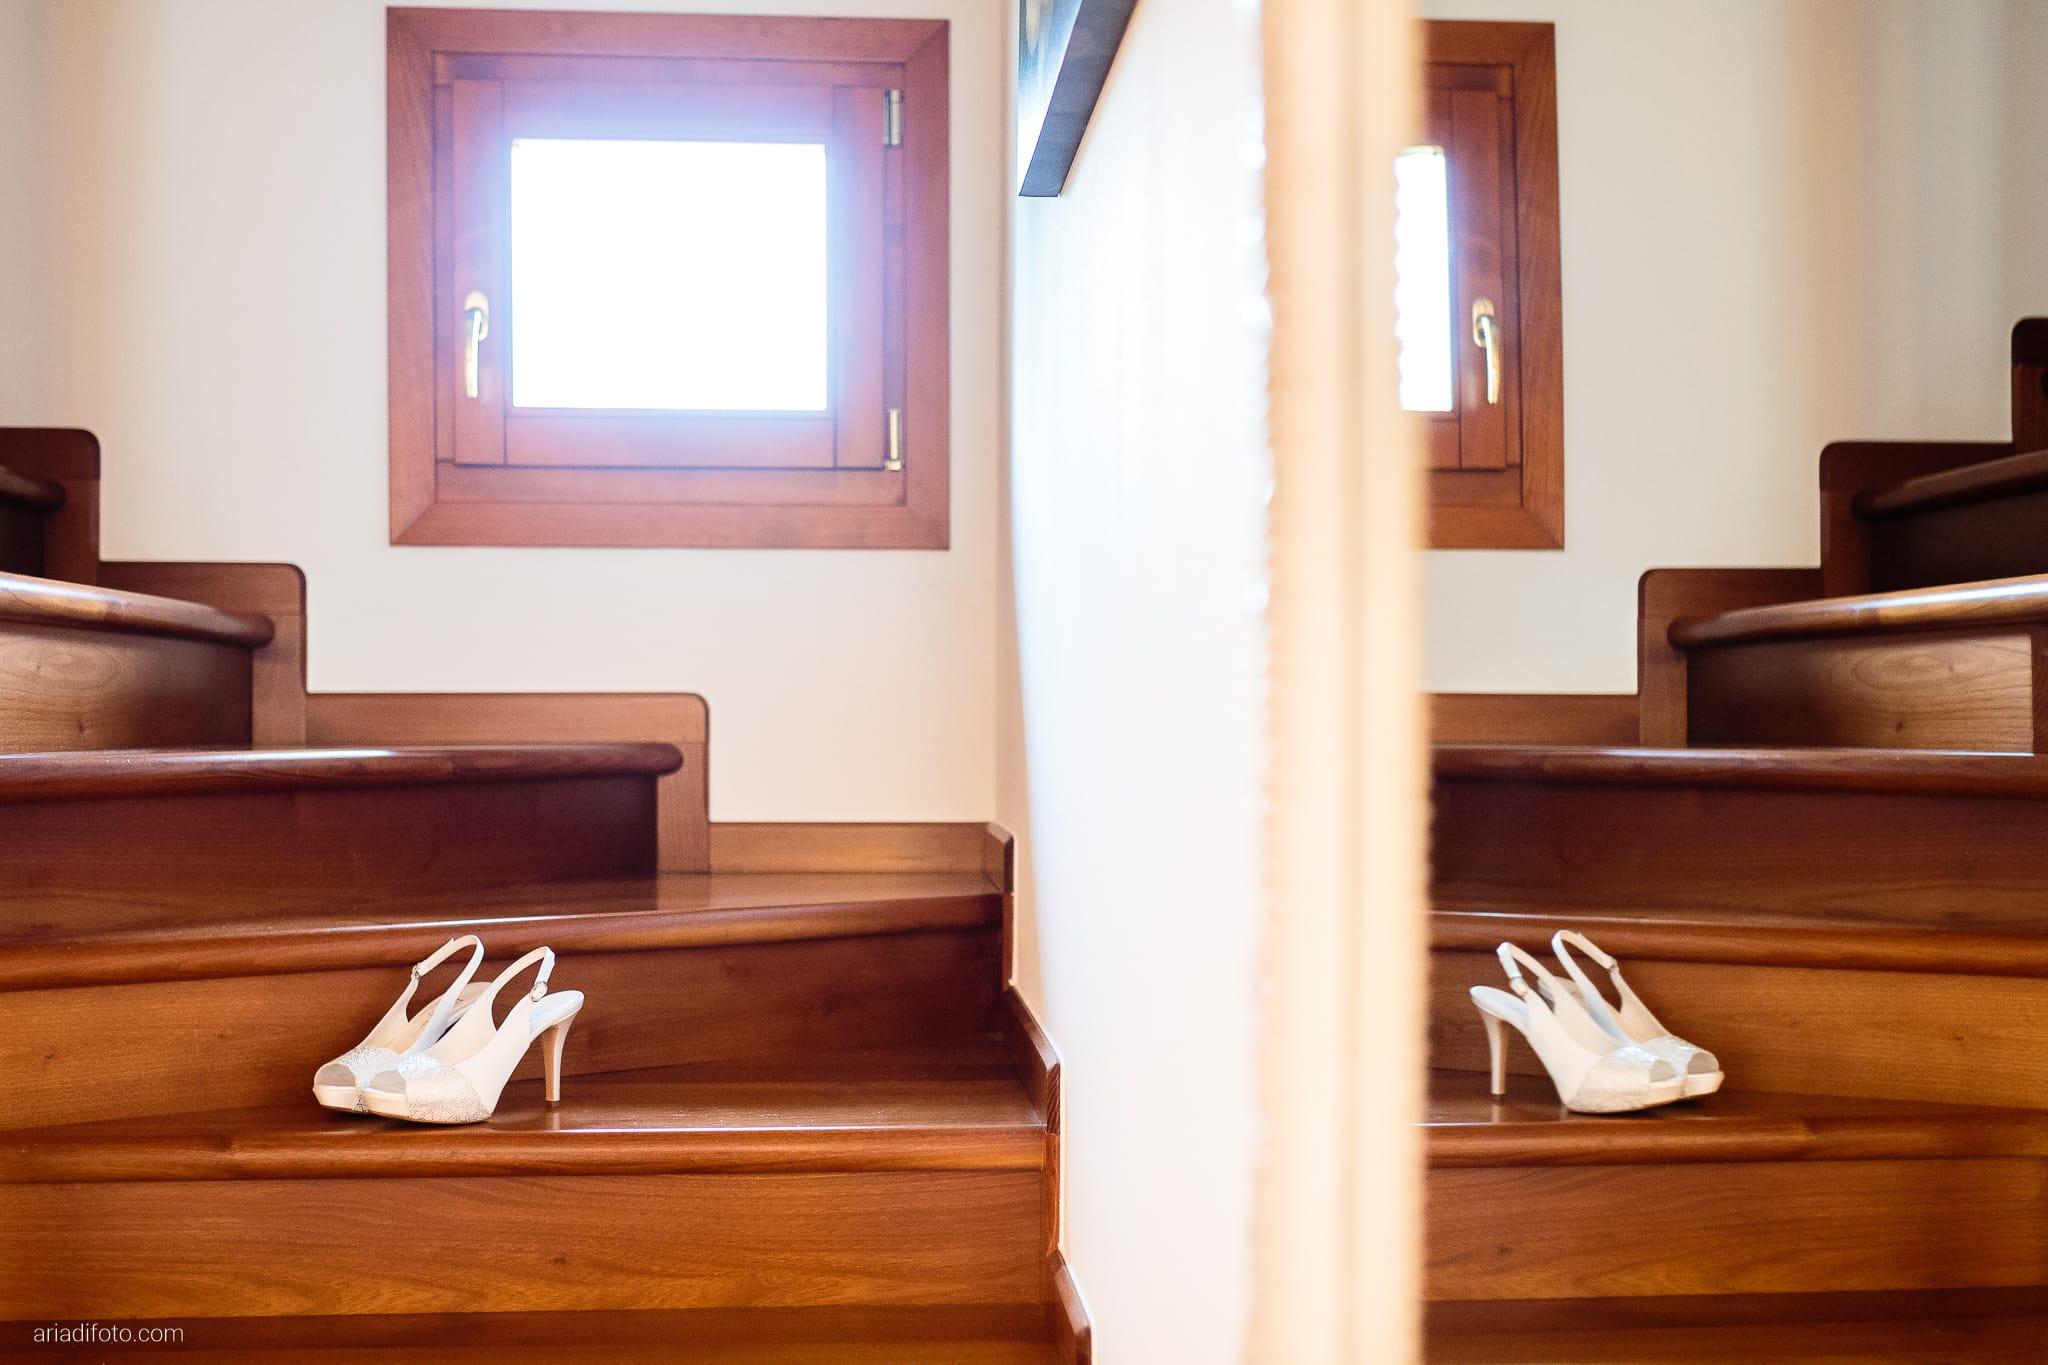 Sarah Matteo Matrimonio Moruzzo Agriturismo Il Vagabondo Buttrio Udine preparativi dettagli scarpe specchio riflesso